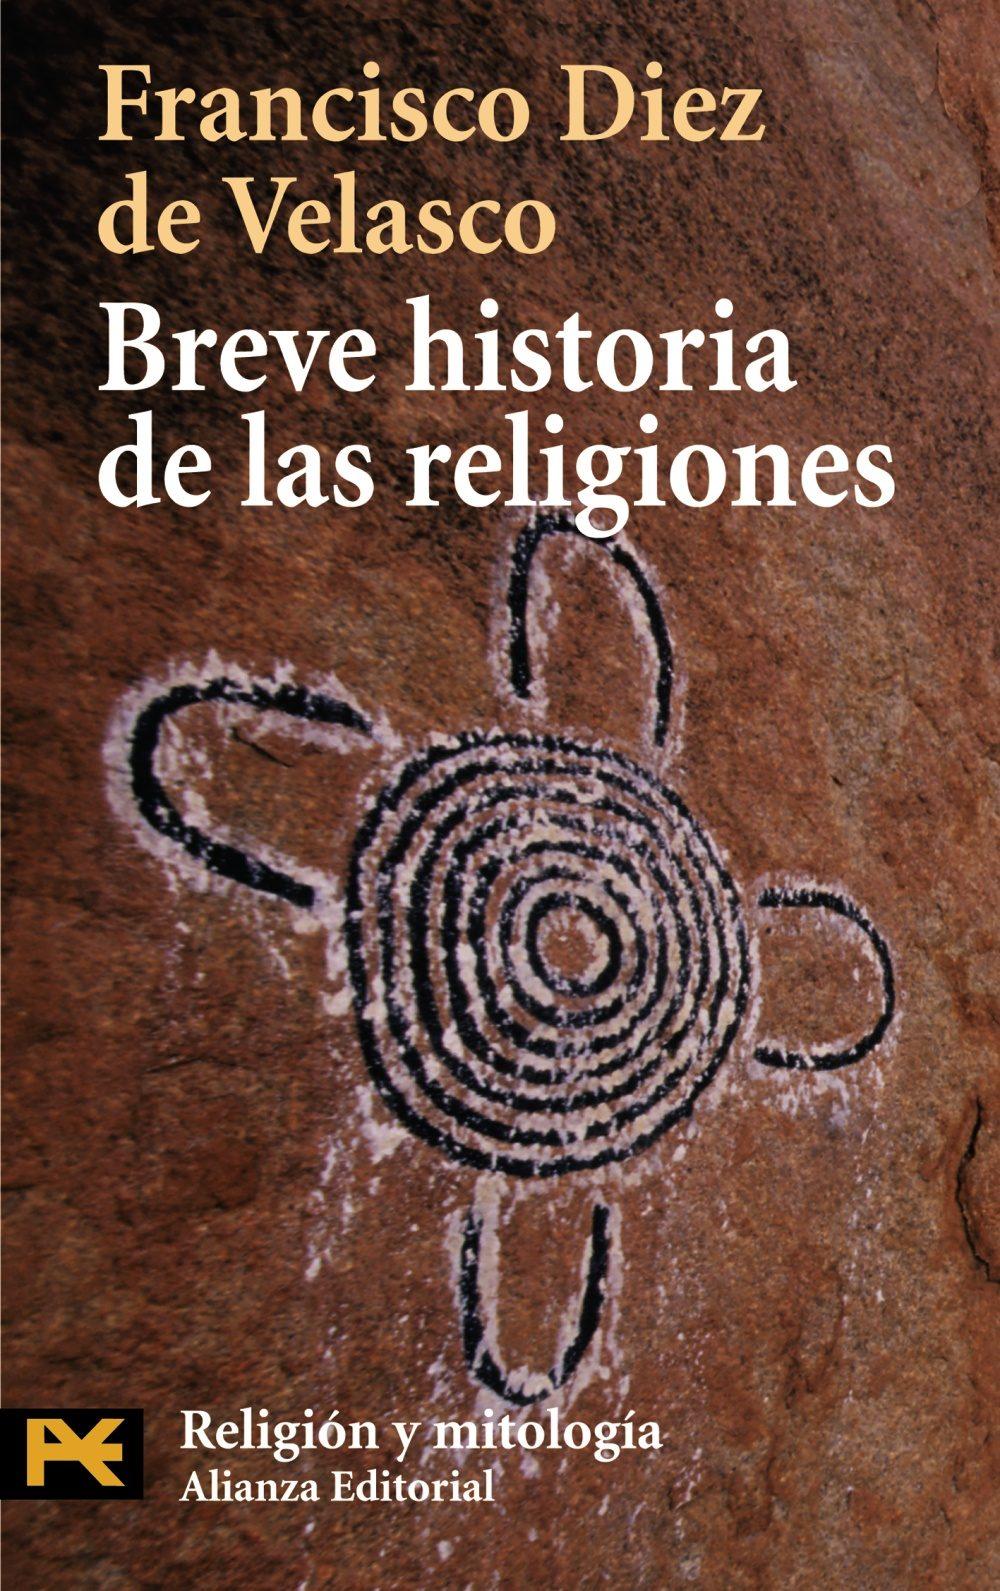 breve historia de las religiones-francisco diez de velasco-9788420660127